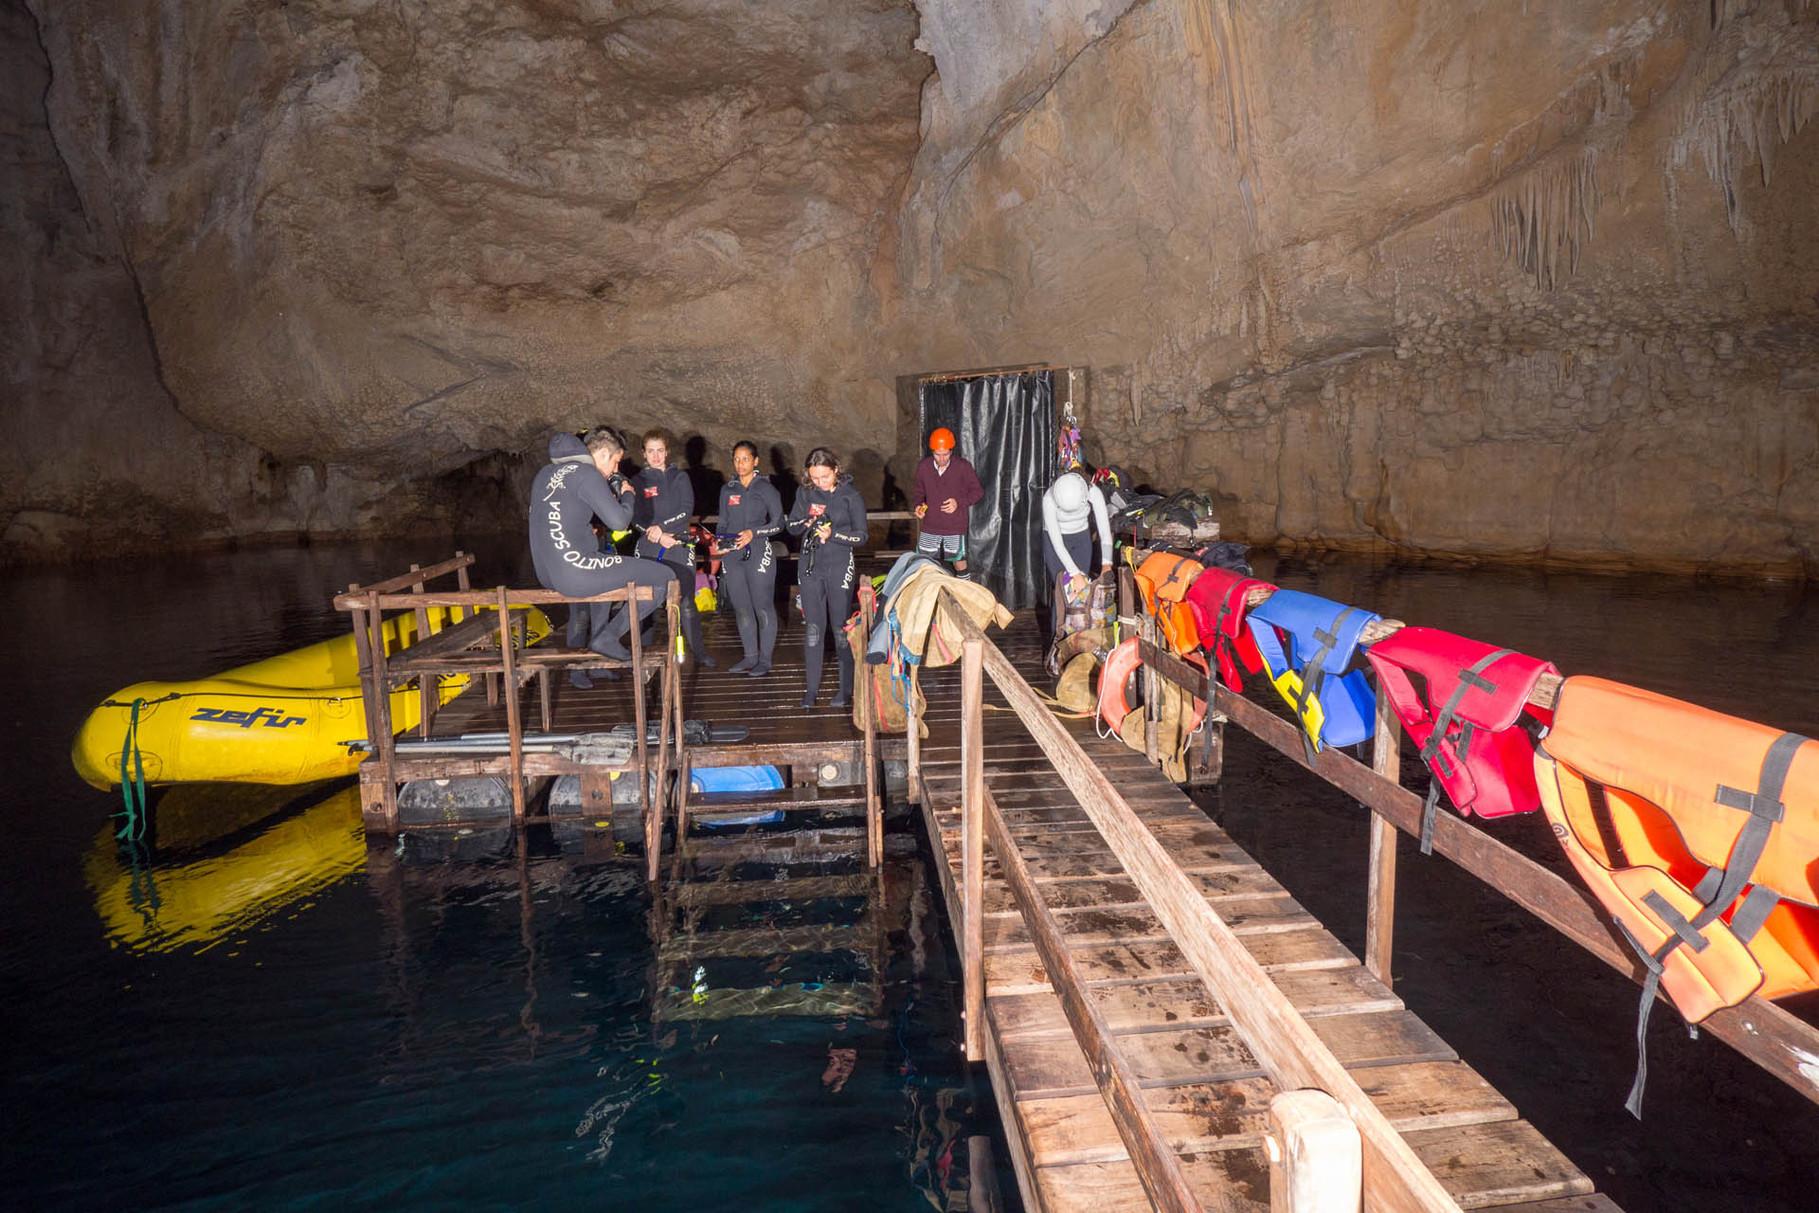 Floating platform on the underground lake of Abismo Anhumas, Bonito